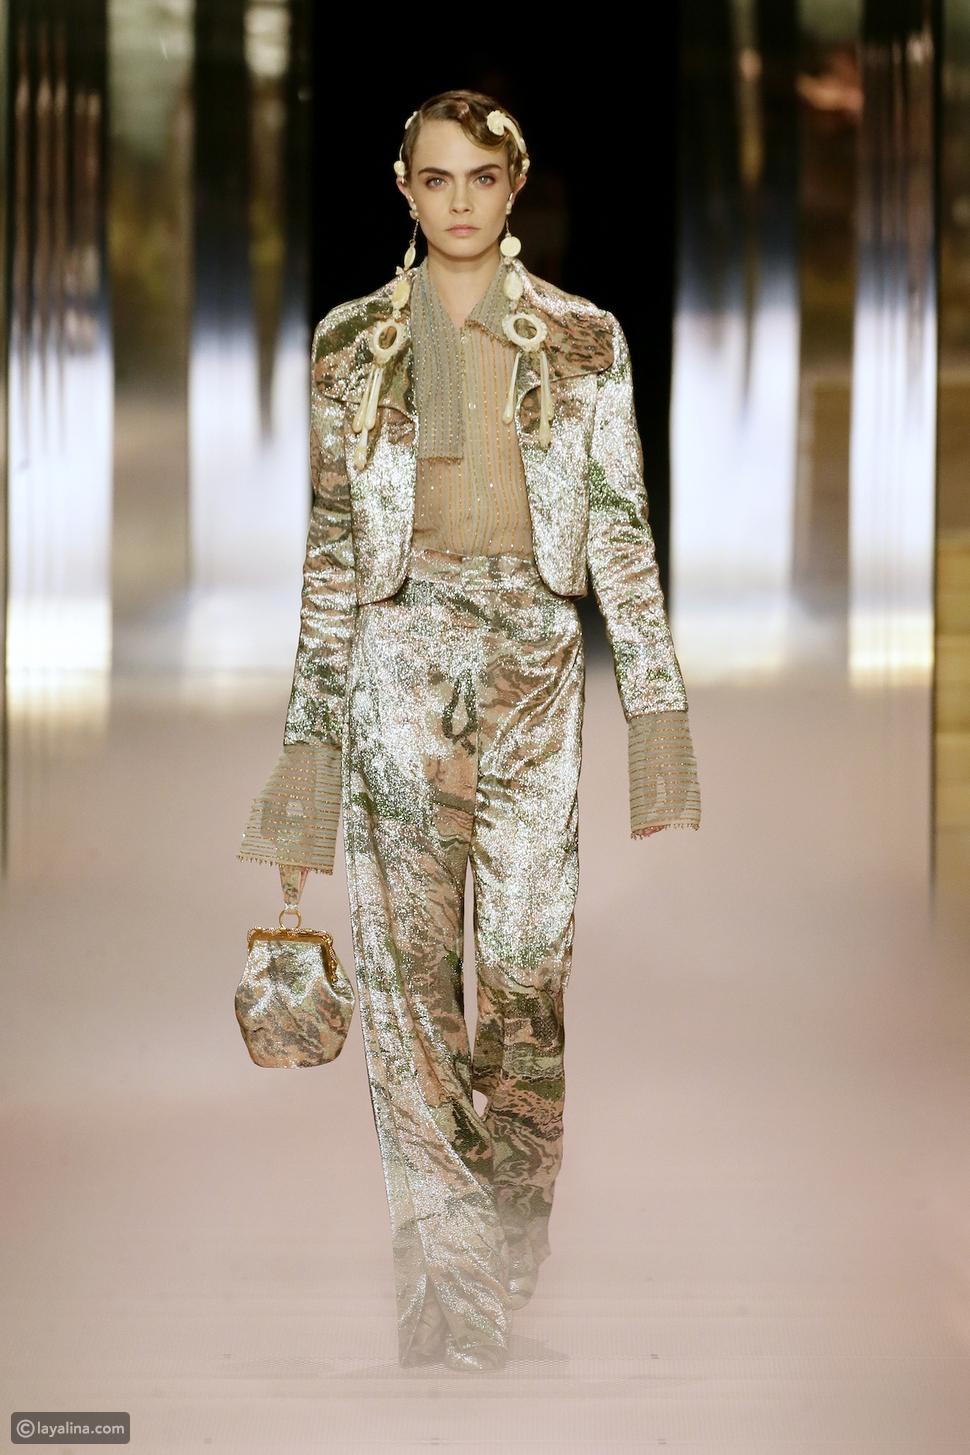 كشف كيم جونز النقاب عن أول مجموعة أزياء له لدار أزياء Fendi